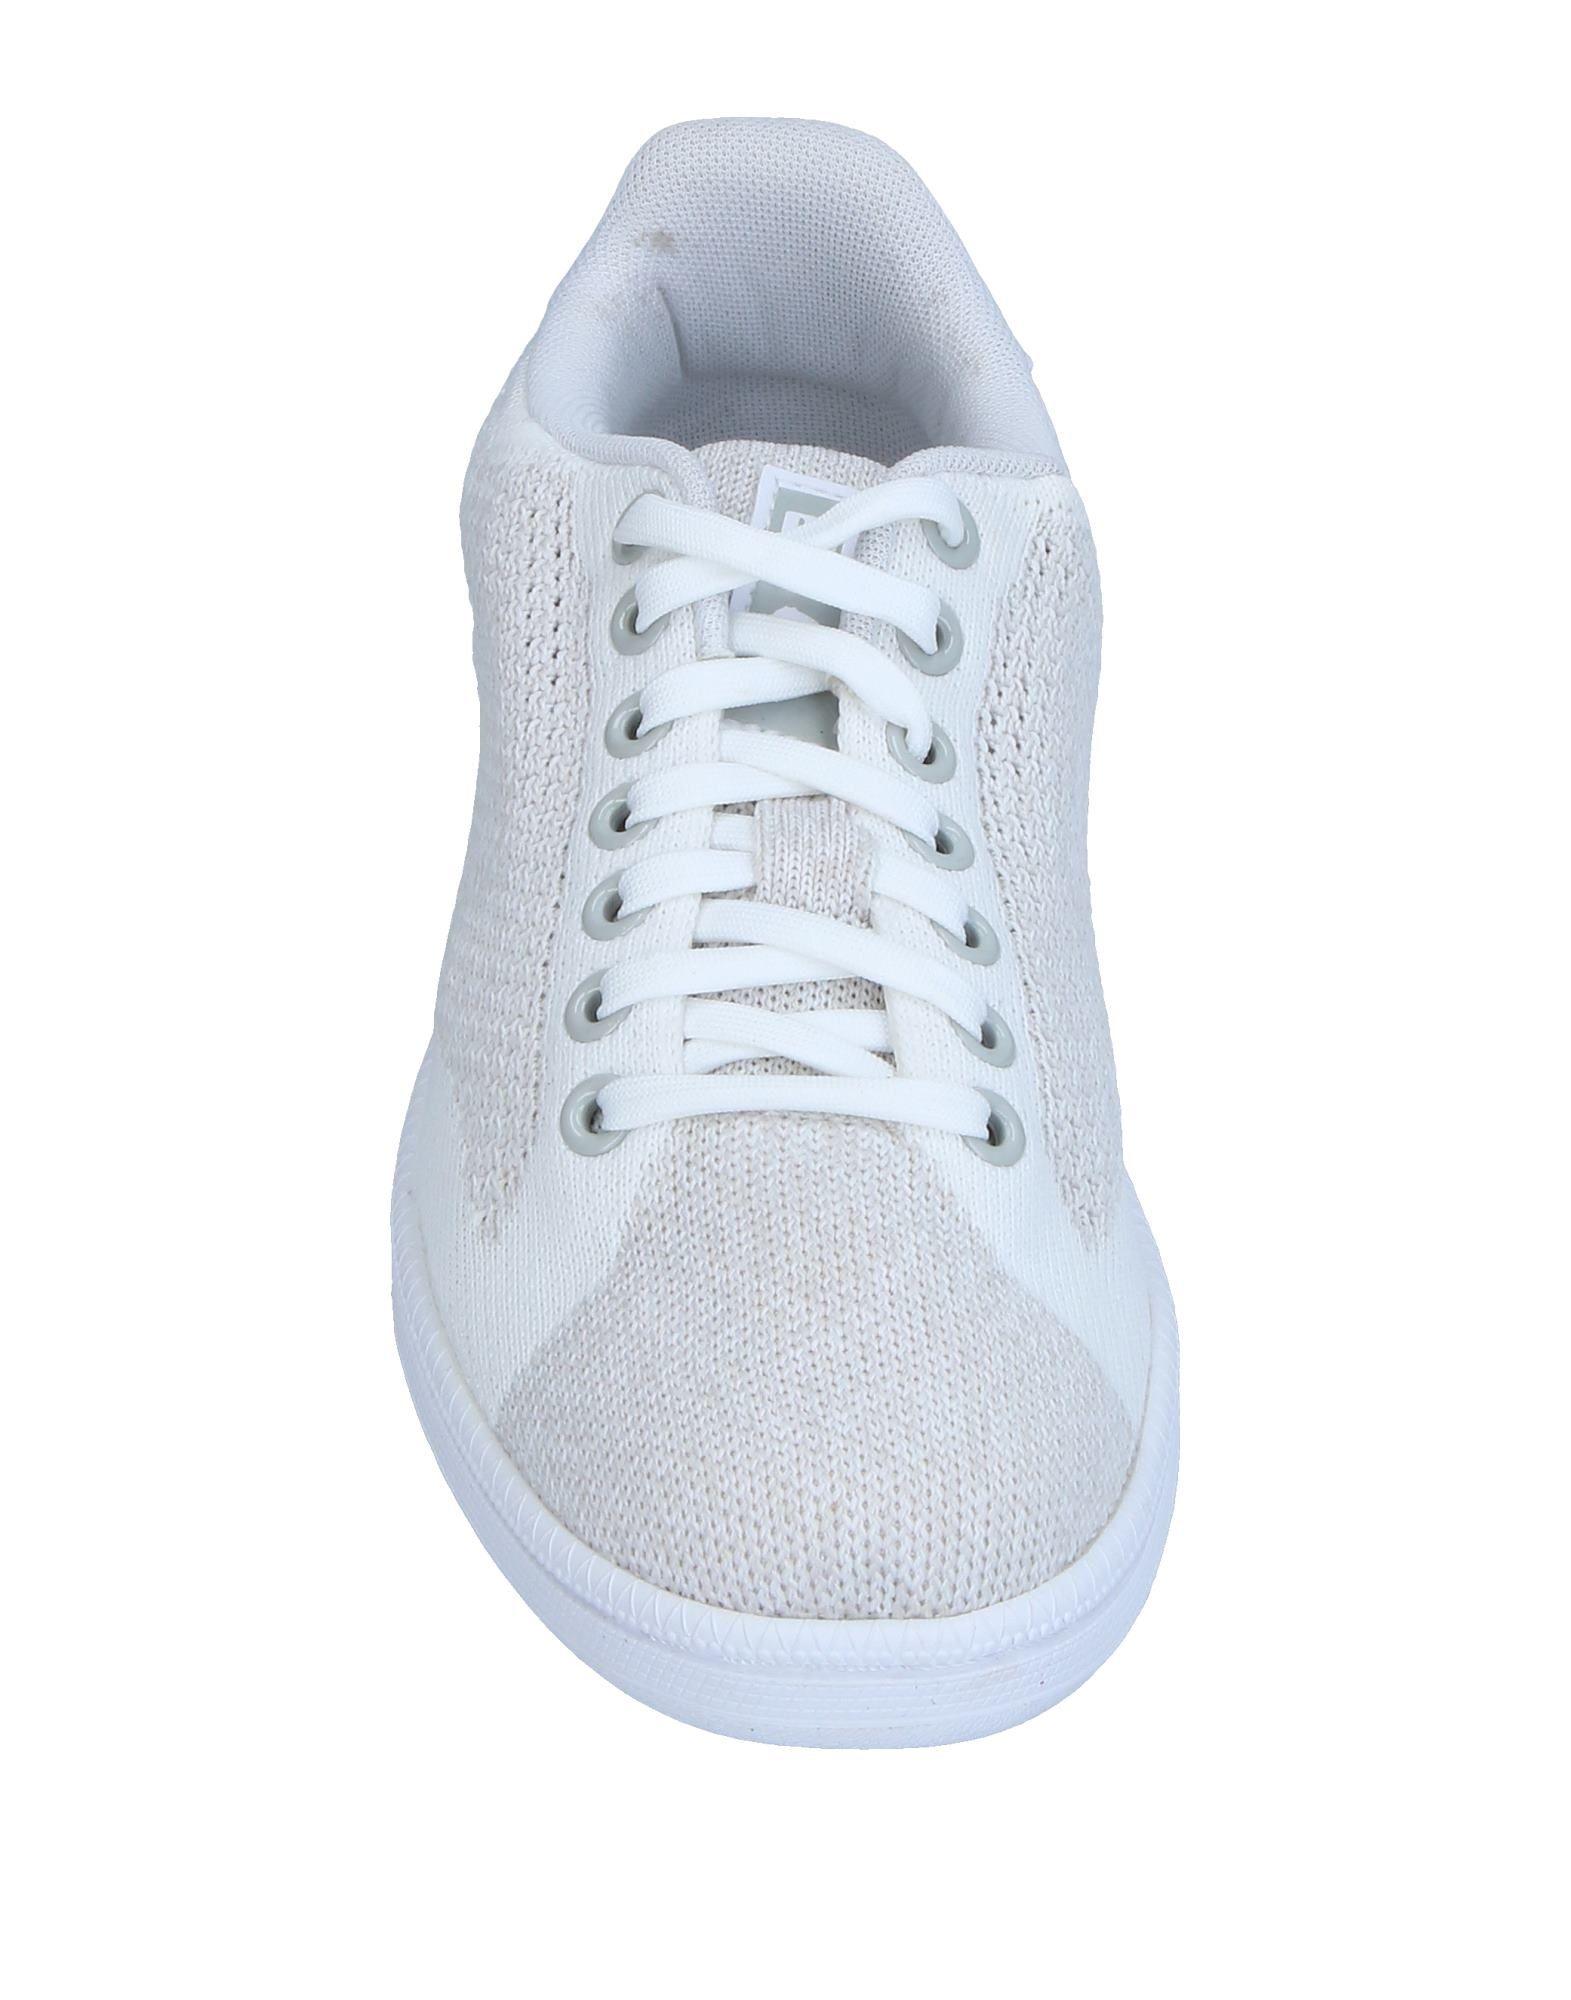 Scarpe economiche e resistenti Puma Sneakers Puma resistenti Donna - 11333531CJ 55dc4a